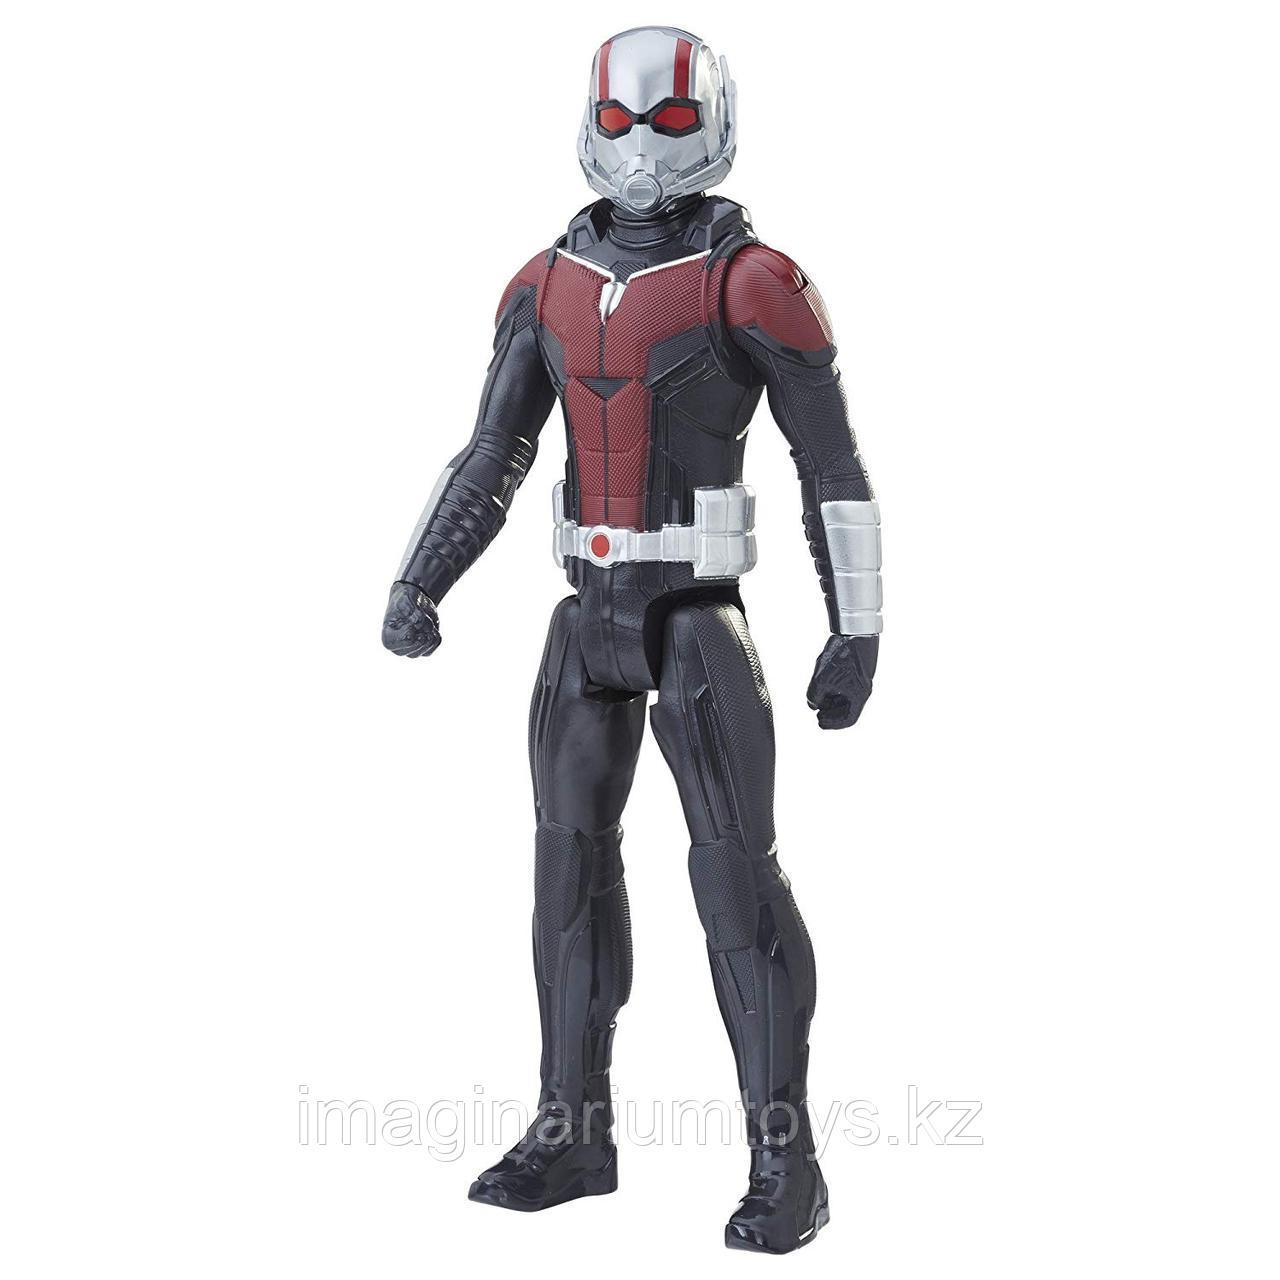 Фигурка Человек-Муравей Ant-Man 30 см